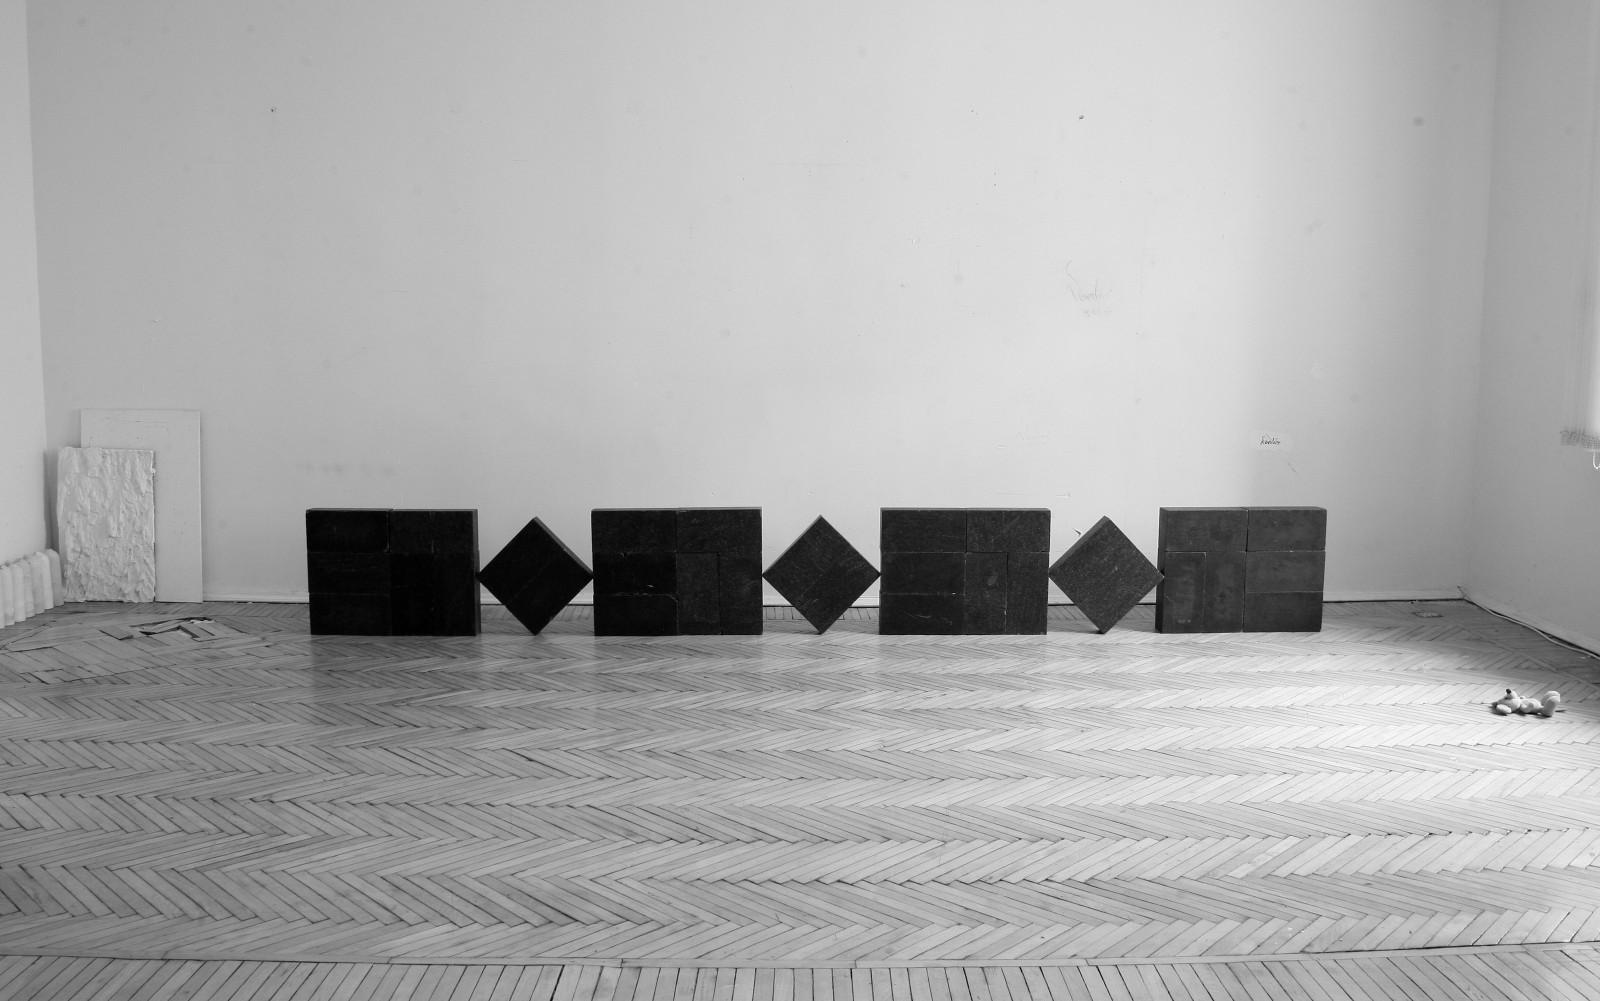 Fondos de pantalla dibujo monocromo abstracto for Minimalismo moderno